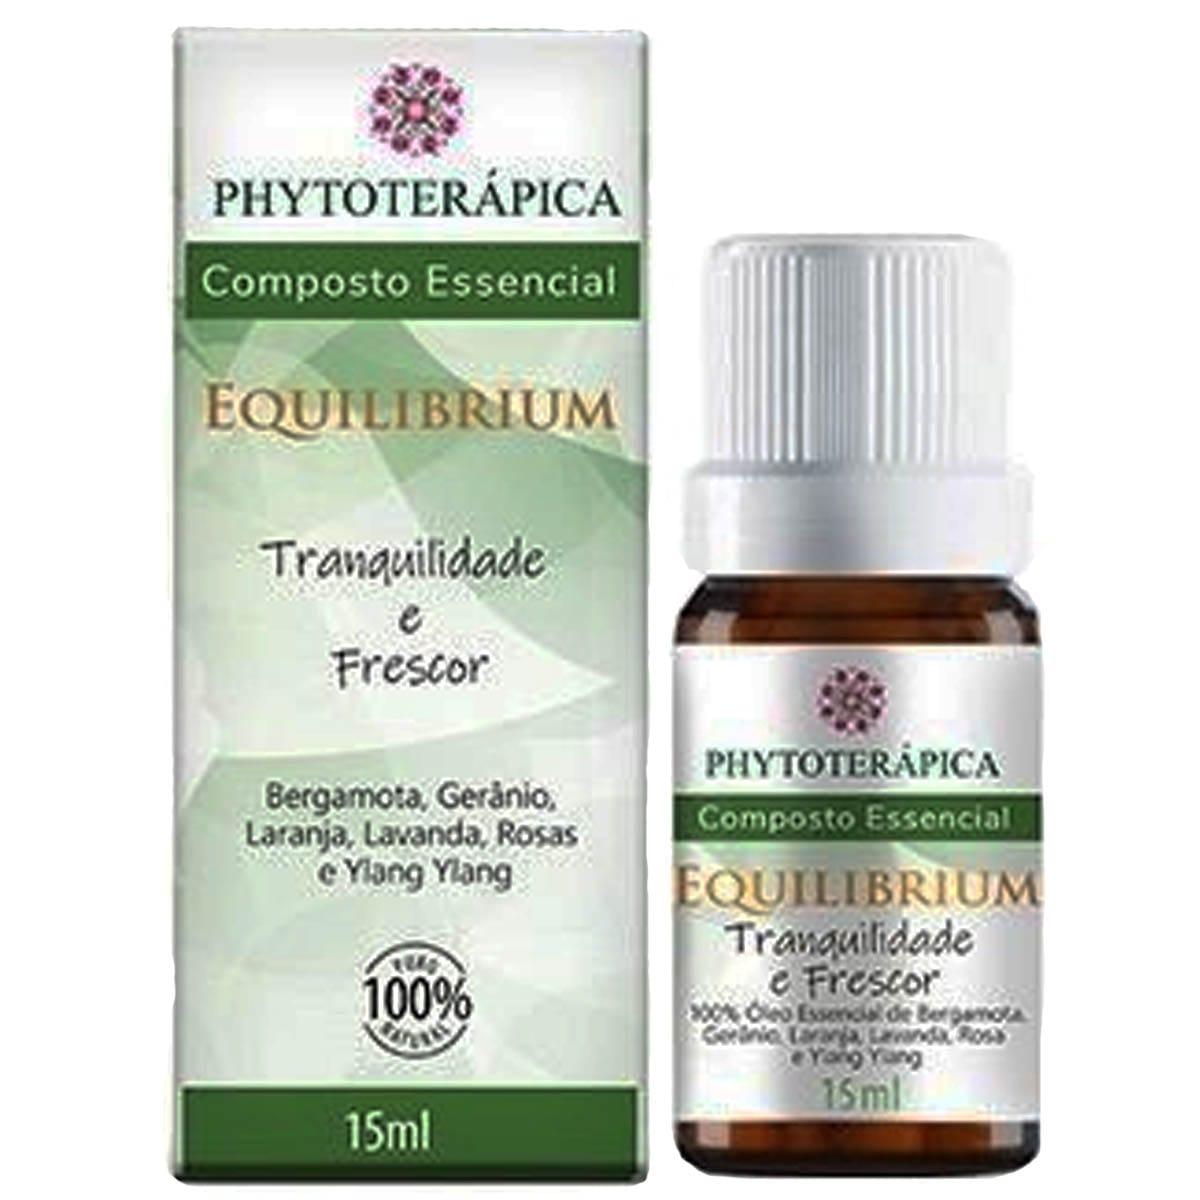 Oleo Essencial Composto Equilibrium 15ml - Phytoterapica